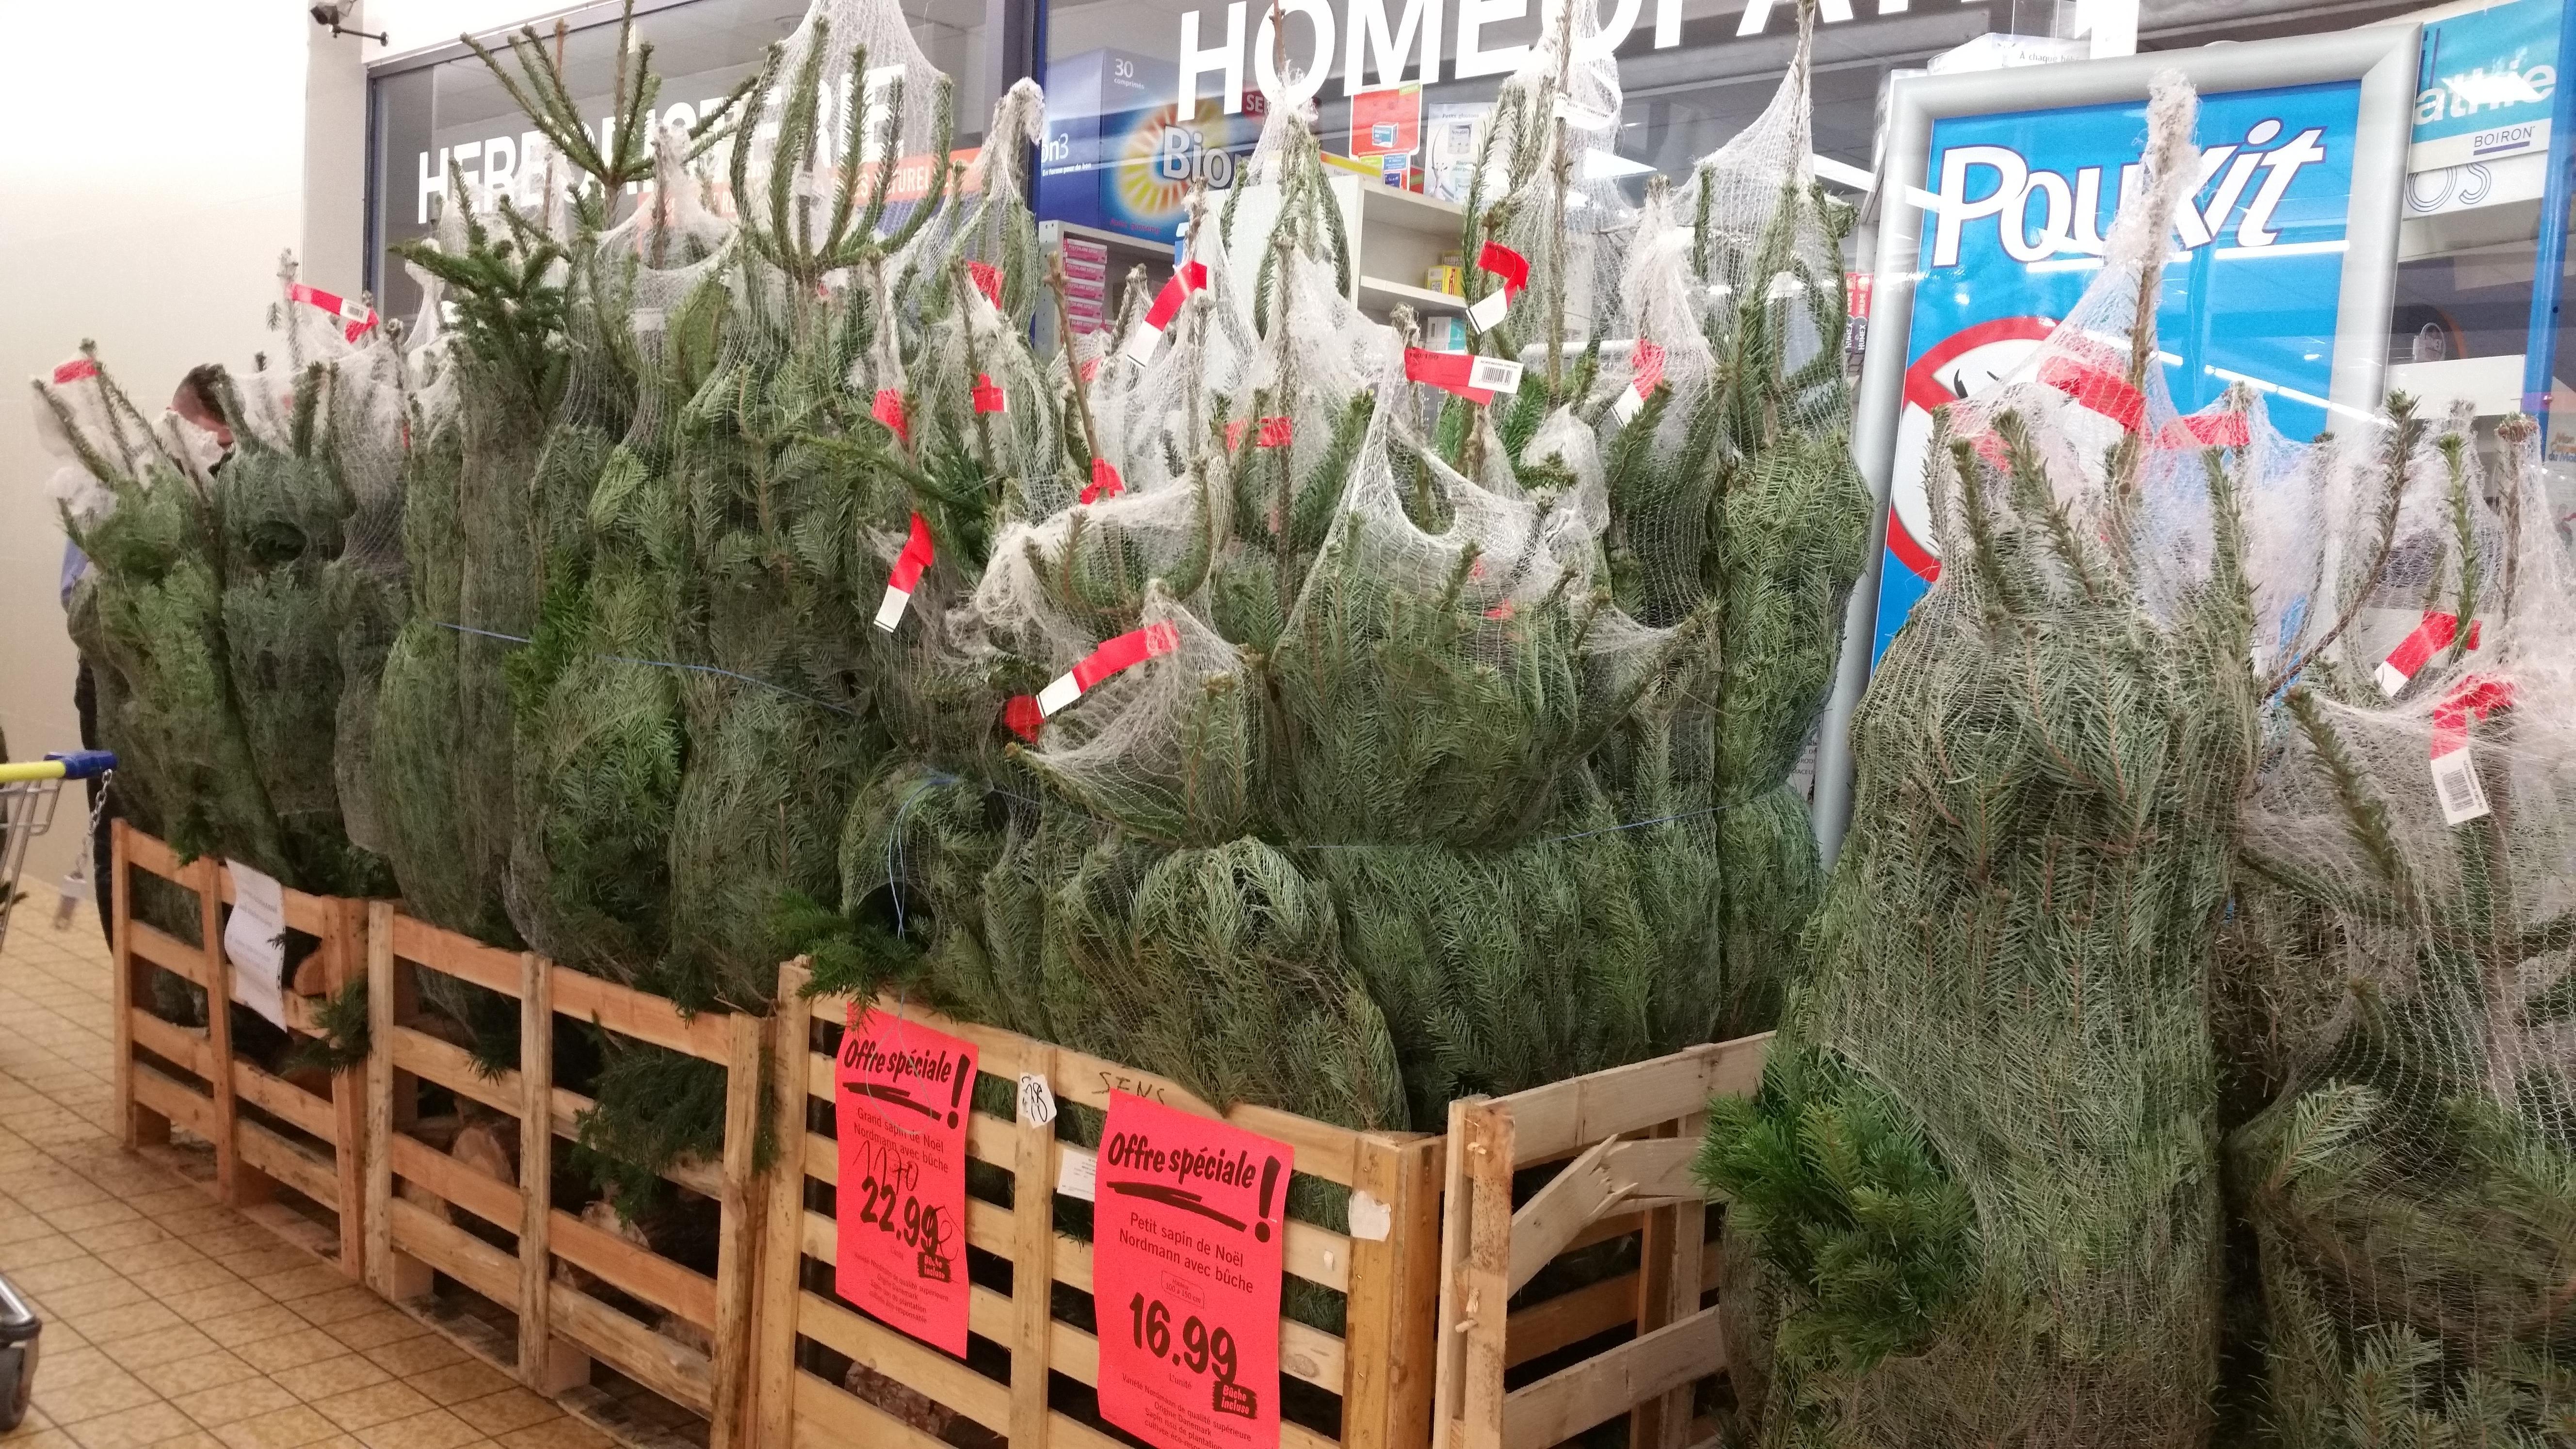 Sapin de Noël Nordmann (avec bûche) - 100 à 150 cm pour 16.99€ et 150 à 200 cm